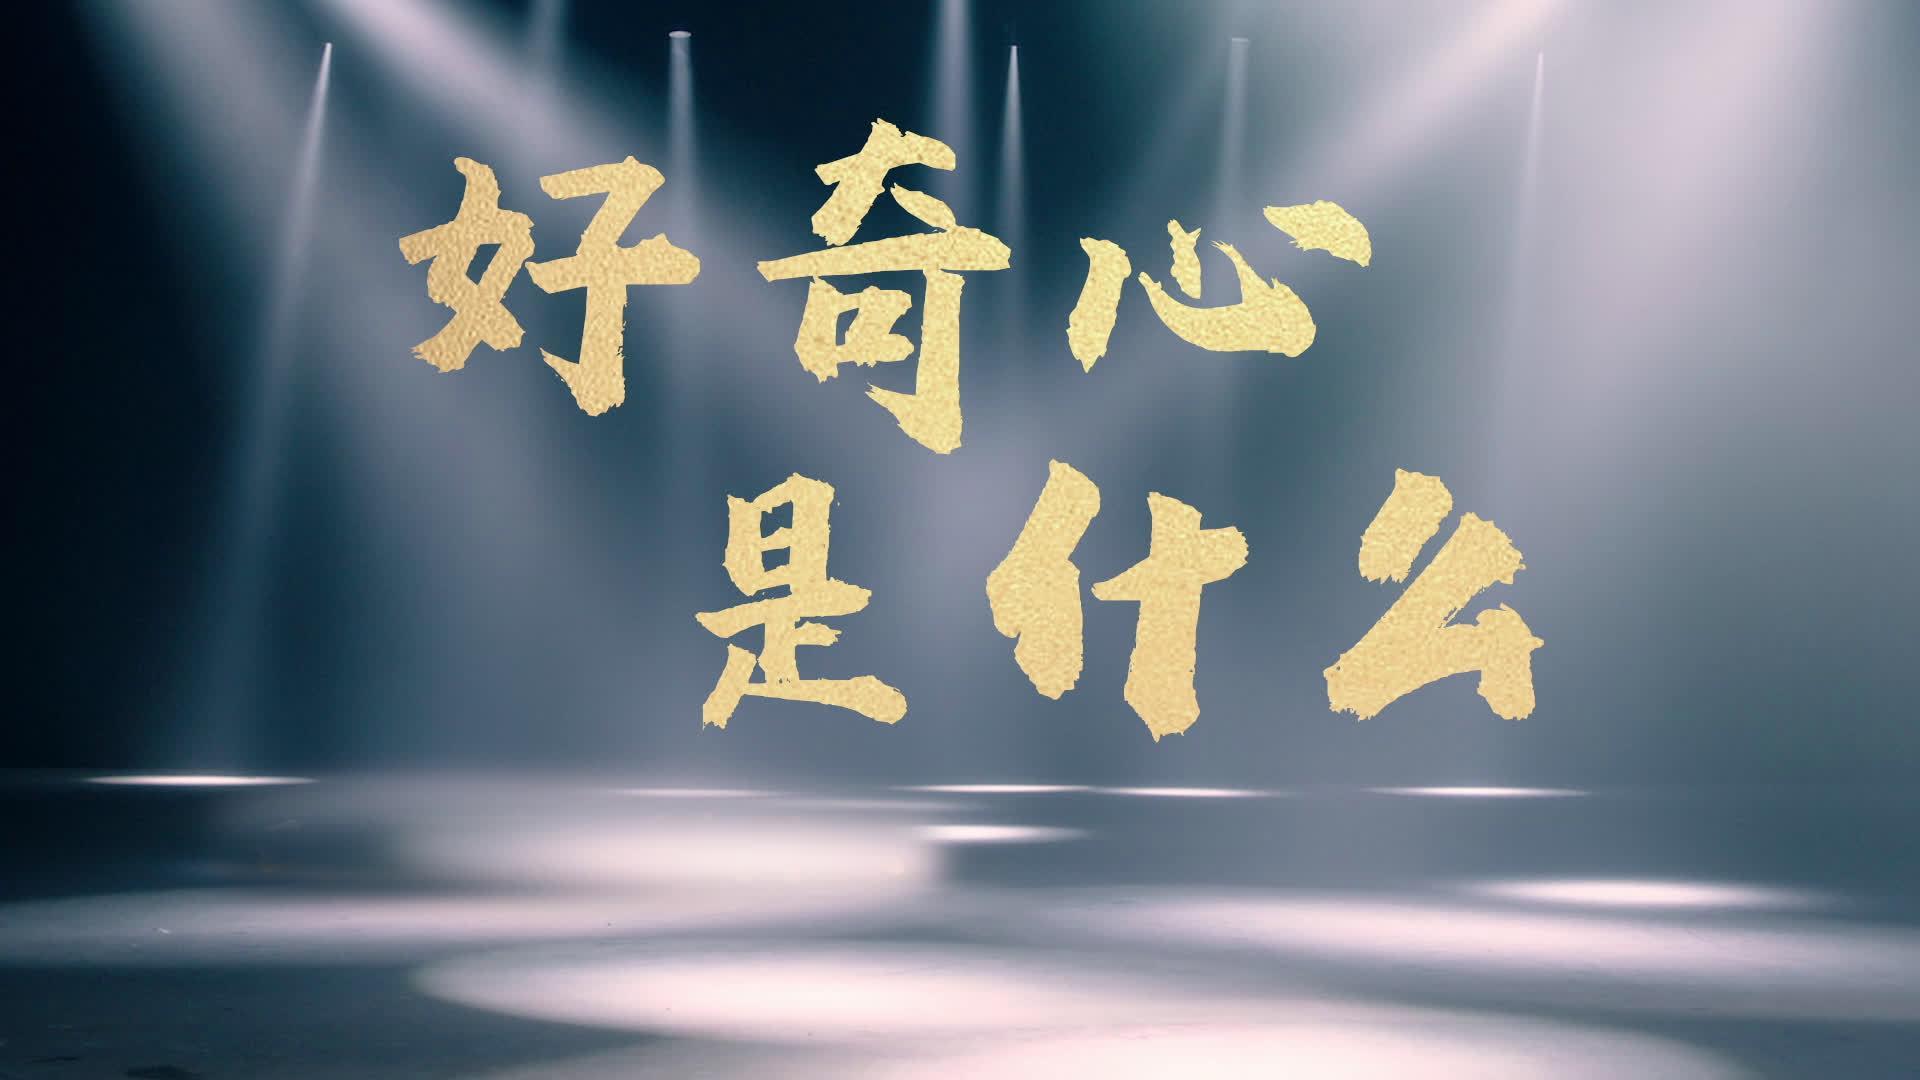 倪萍、陈鲁豫、邓亚萍、李银河、金宇澄首谈好奇心